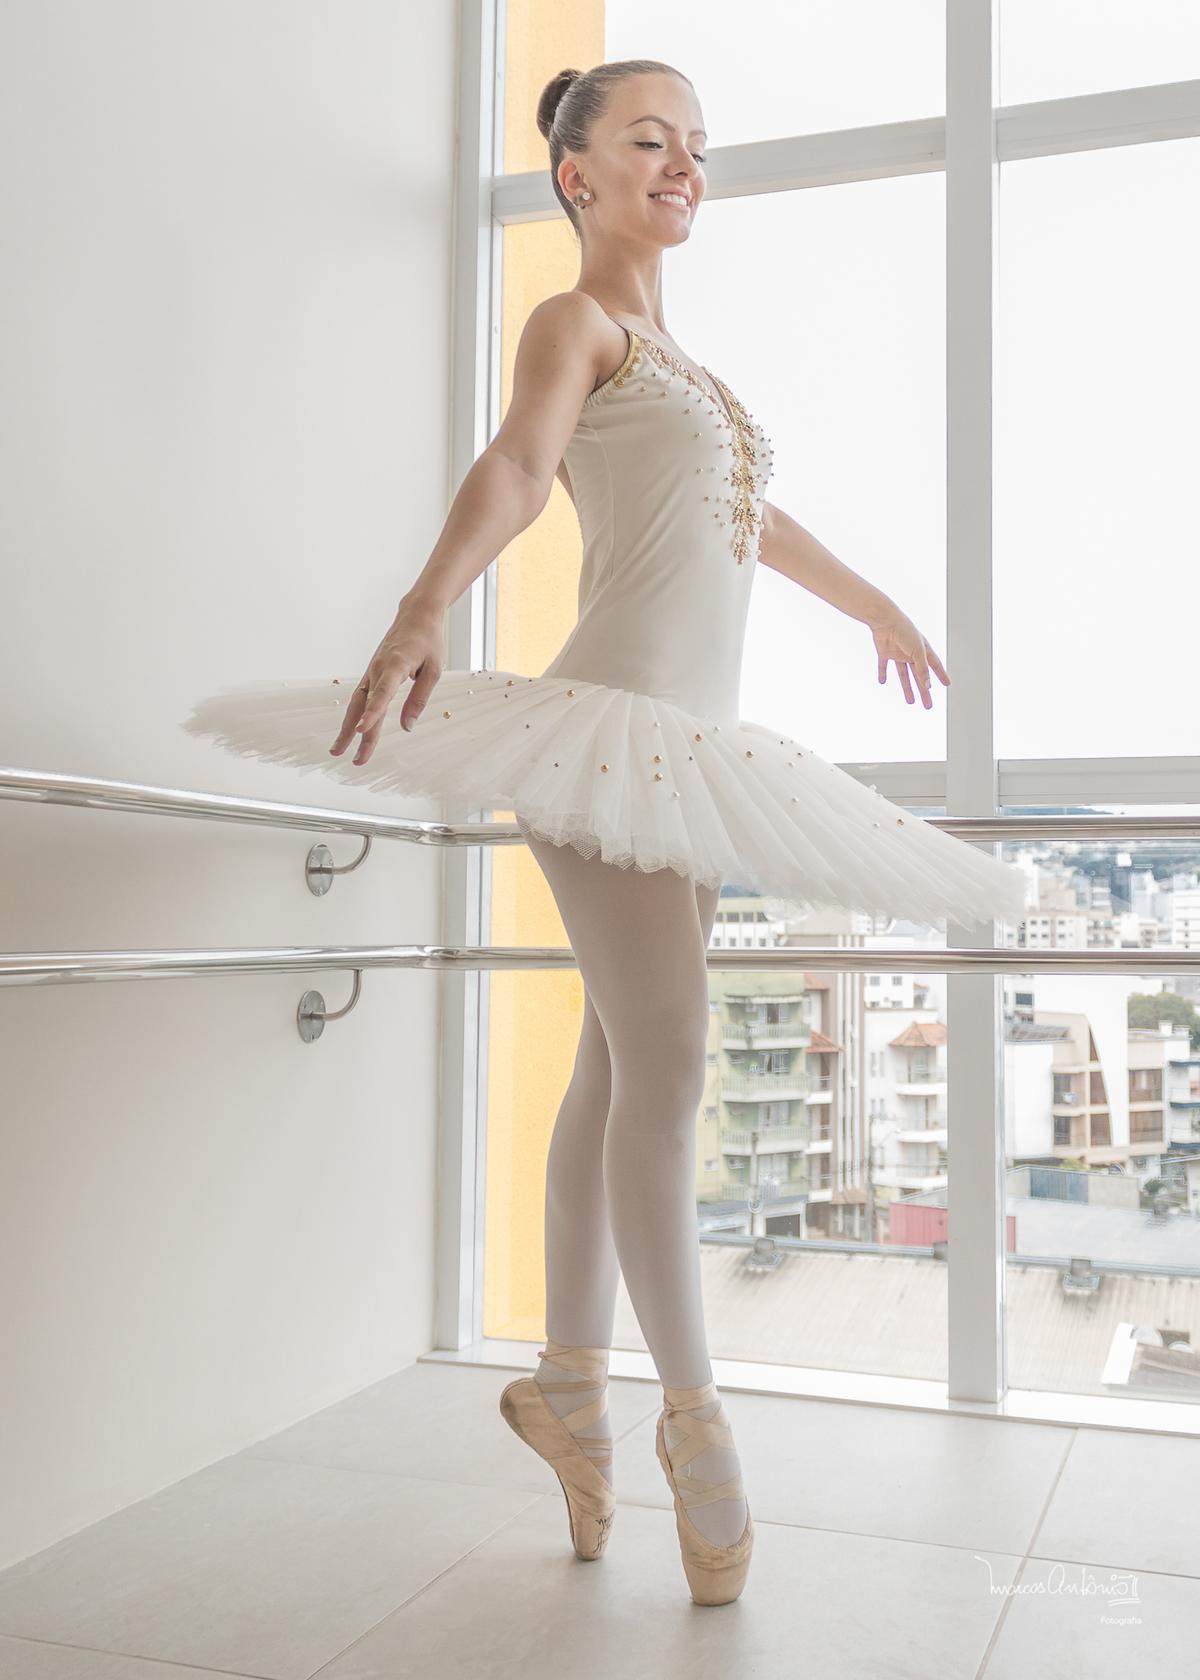 Brenda Lima em um click com a cidade de Concórdia ao fundo.  #bailarina #ballet #danca #